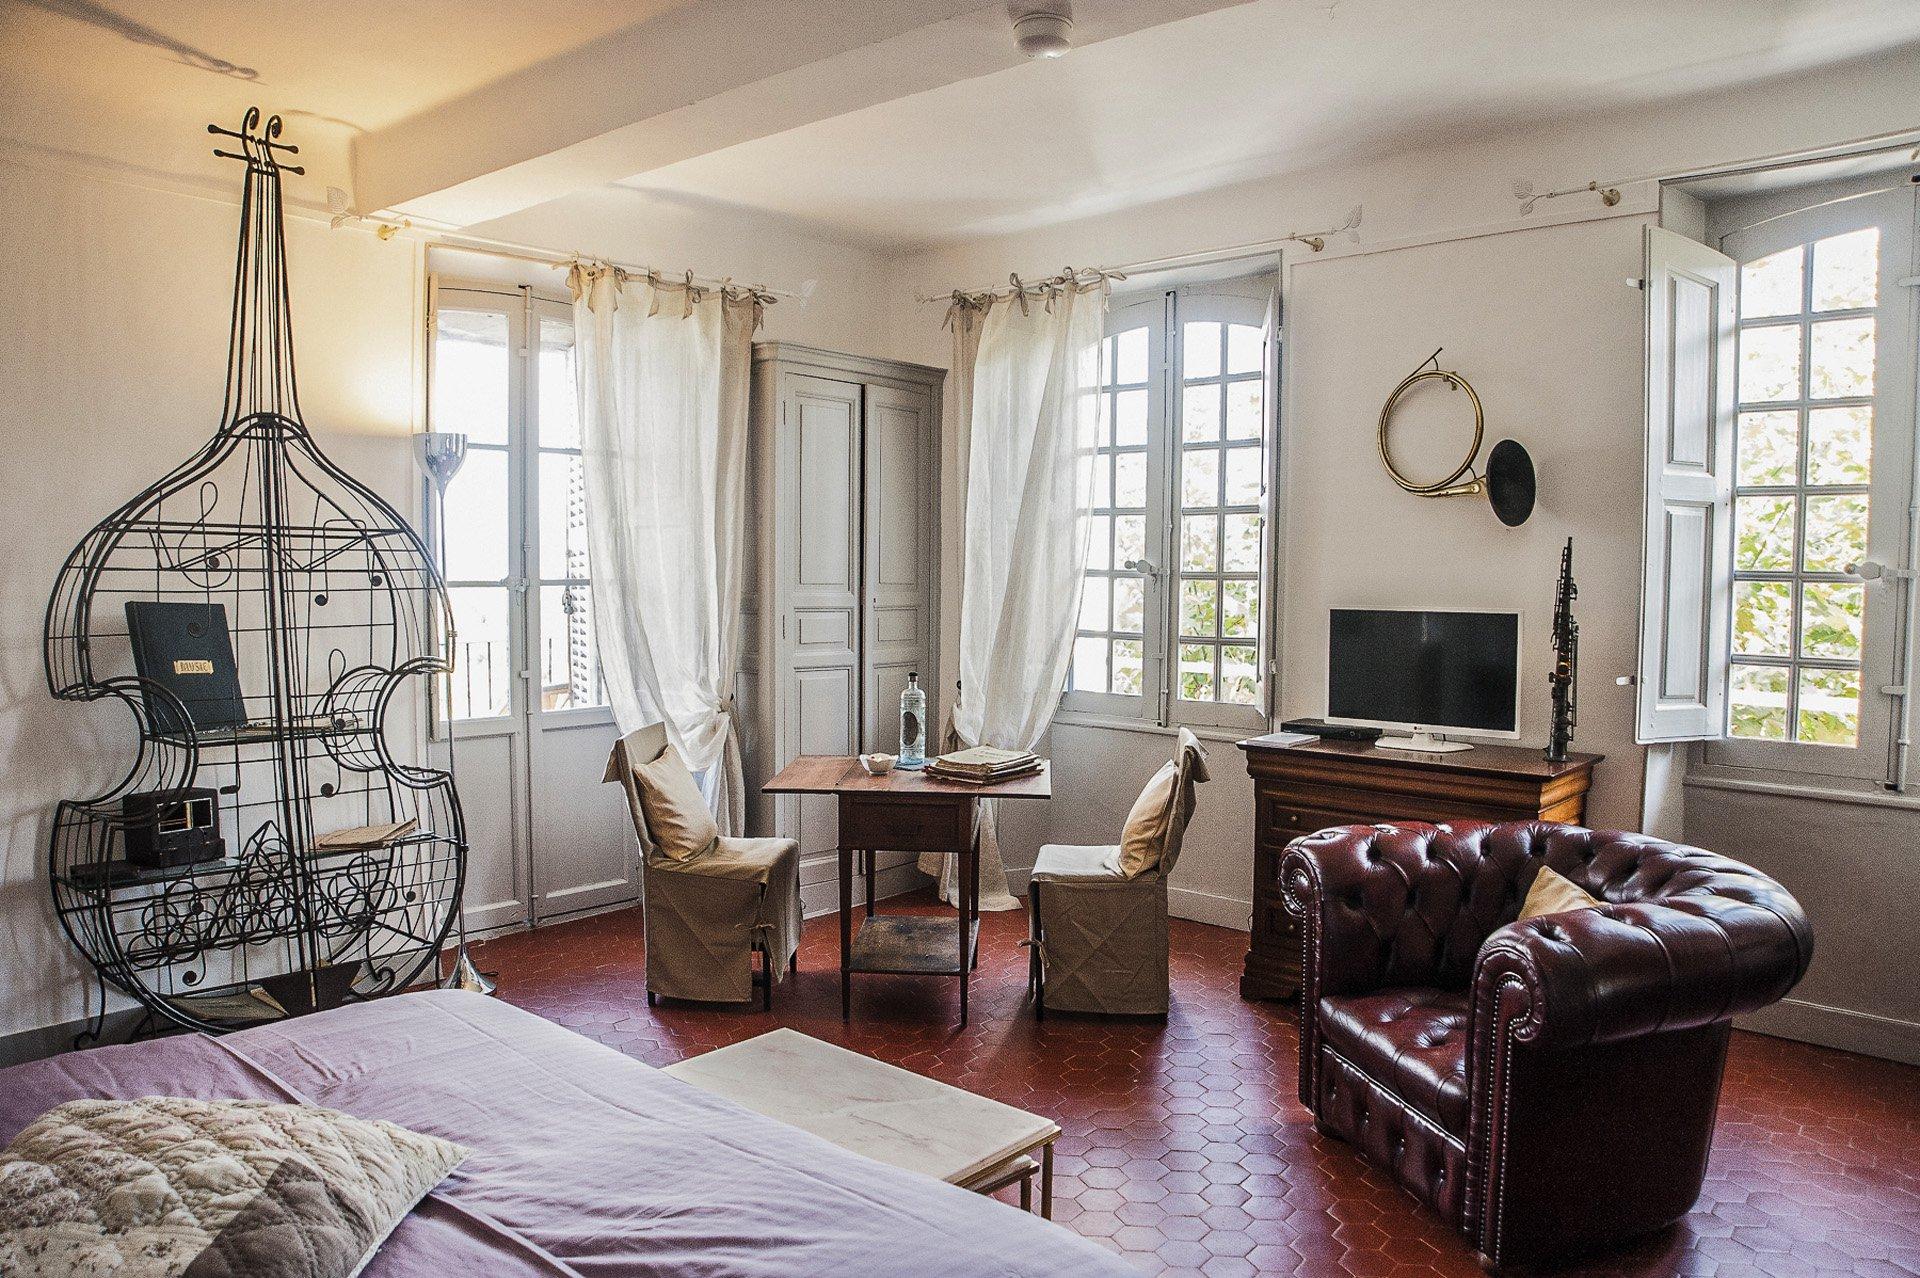 chambre 2 Bastide 18 ième siècle 750 m², sur 2 ha chambres d'hôtes, le luc, var, provence